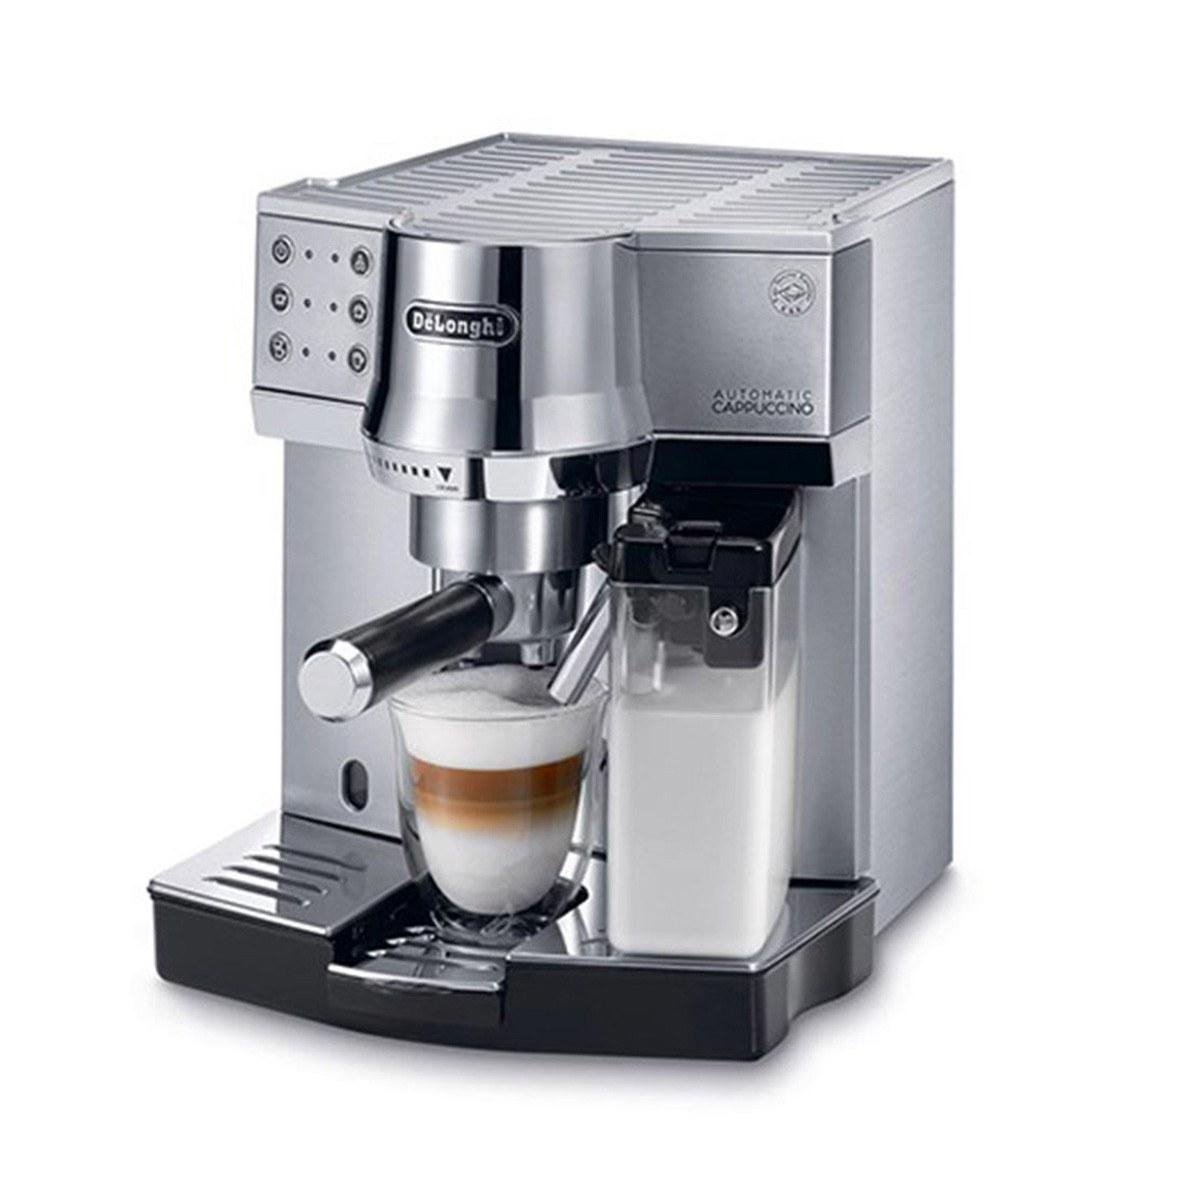 تصویر خرید اسپرسوساز دلونگی 1450 وات EC850M Delonghi Delonghi Espresso Maker 1450w EC850M